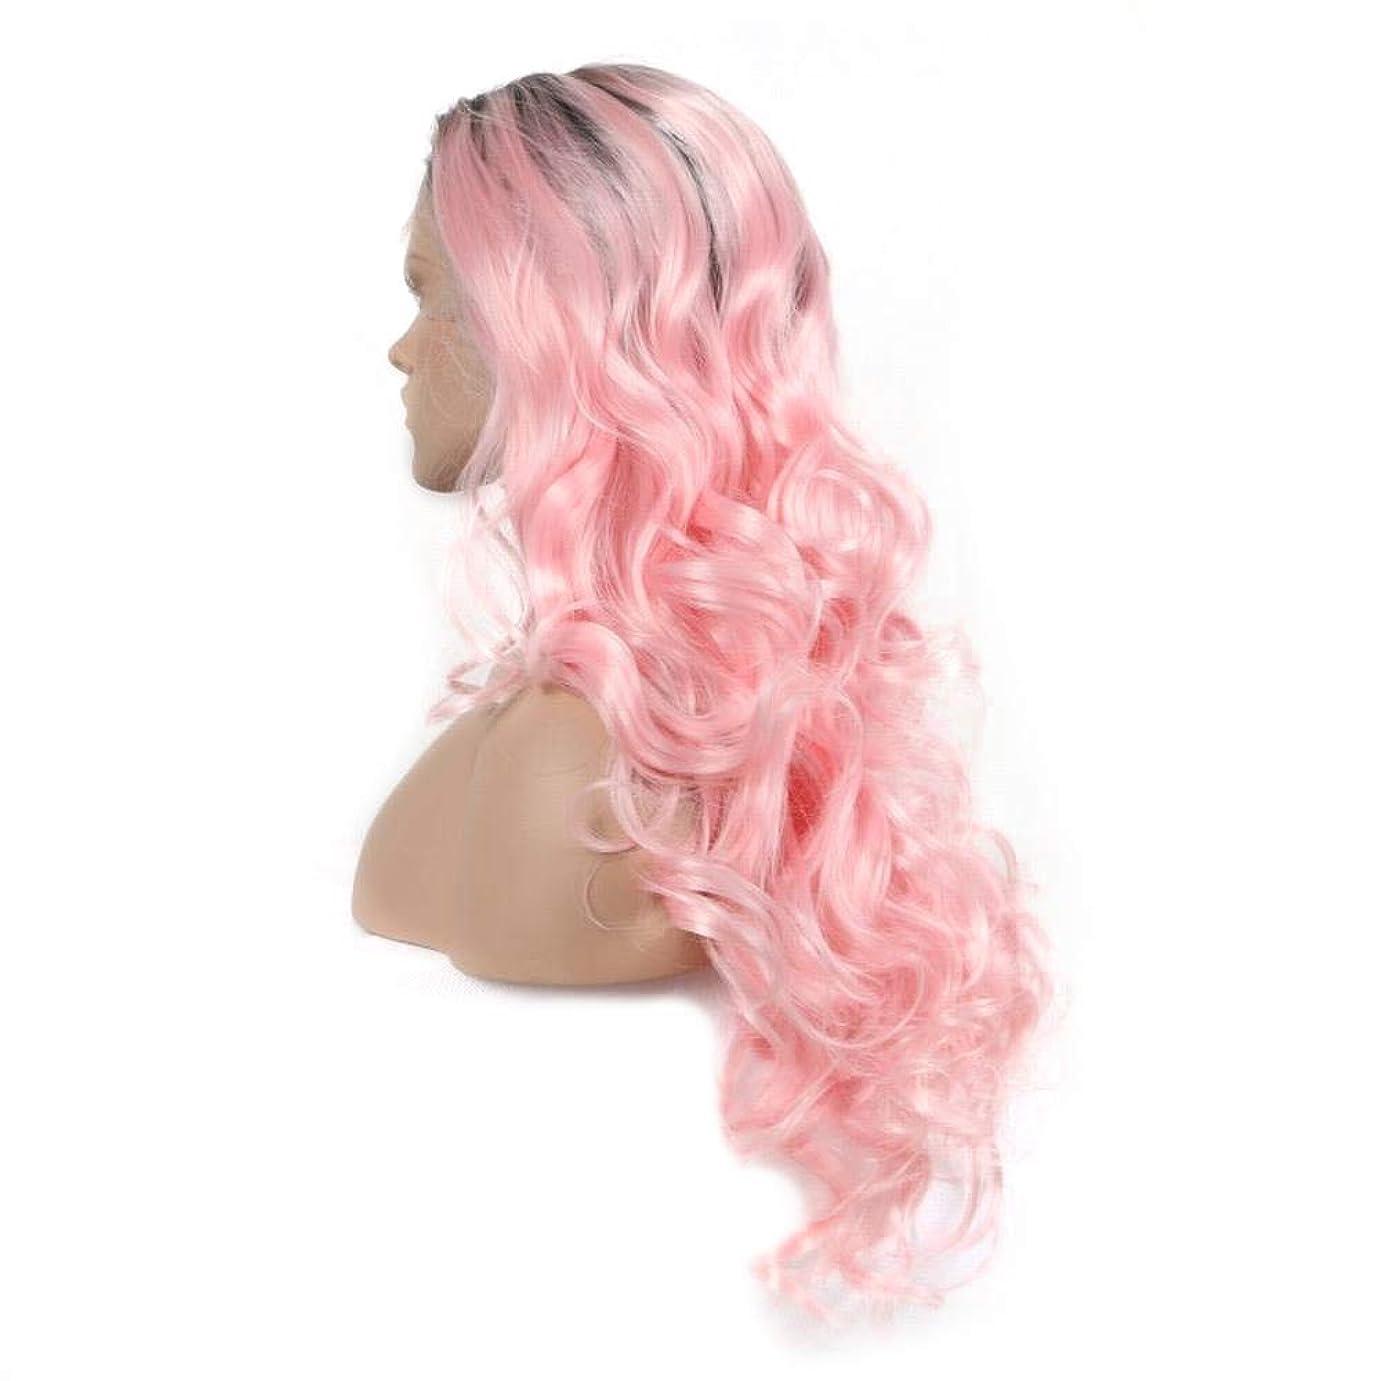 盟主モルヒネ経験的BOBIDYEE 女性の長い巻き毛のフロントレースグラデーションピンクのかつら合成髪のレースのかつらロールプレイングかつら (色 : ピンク)